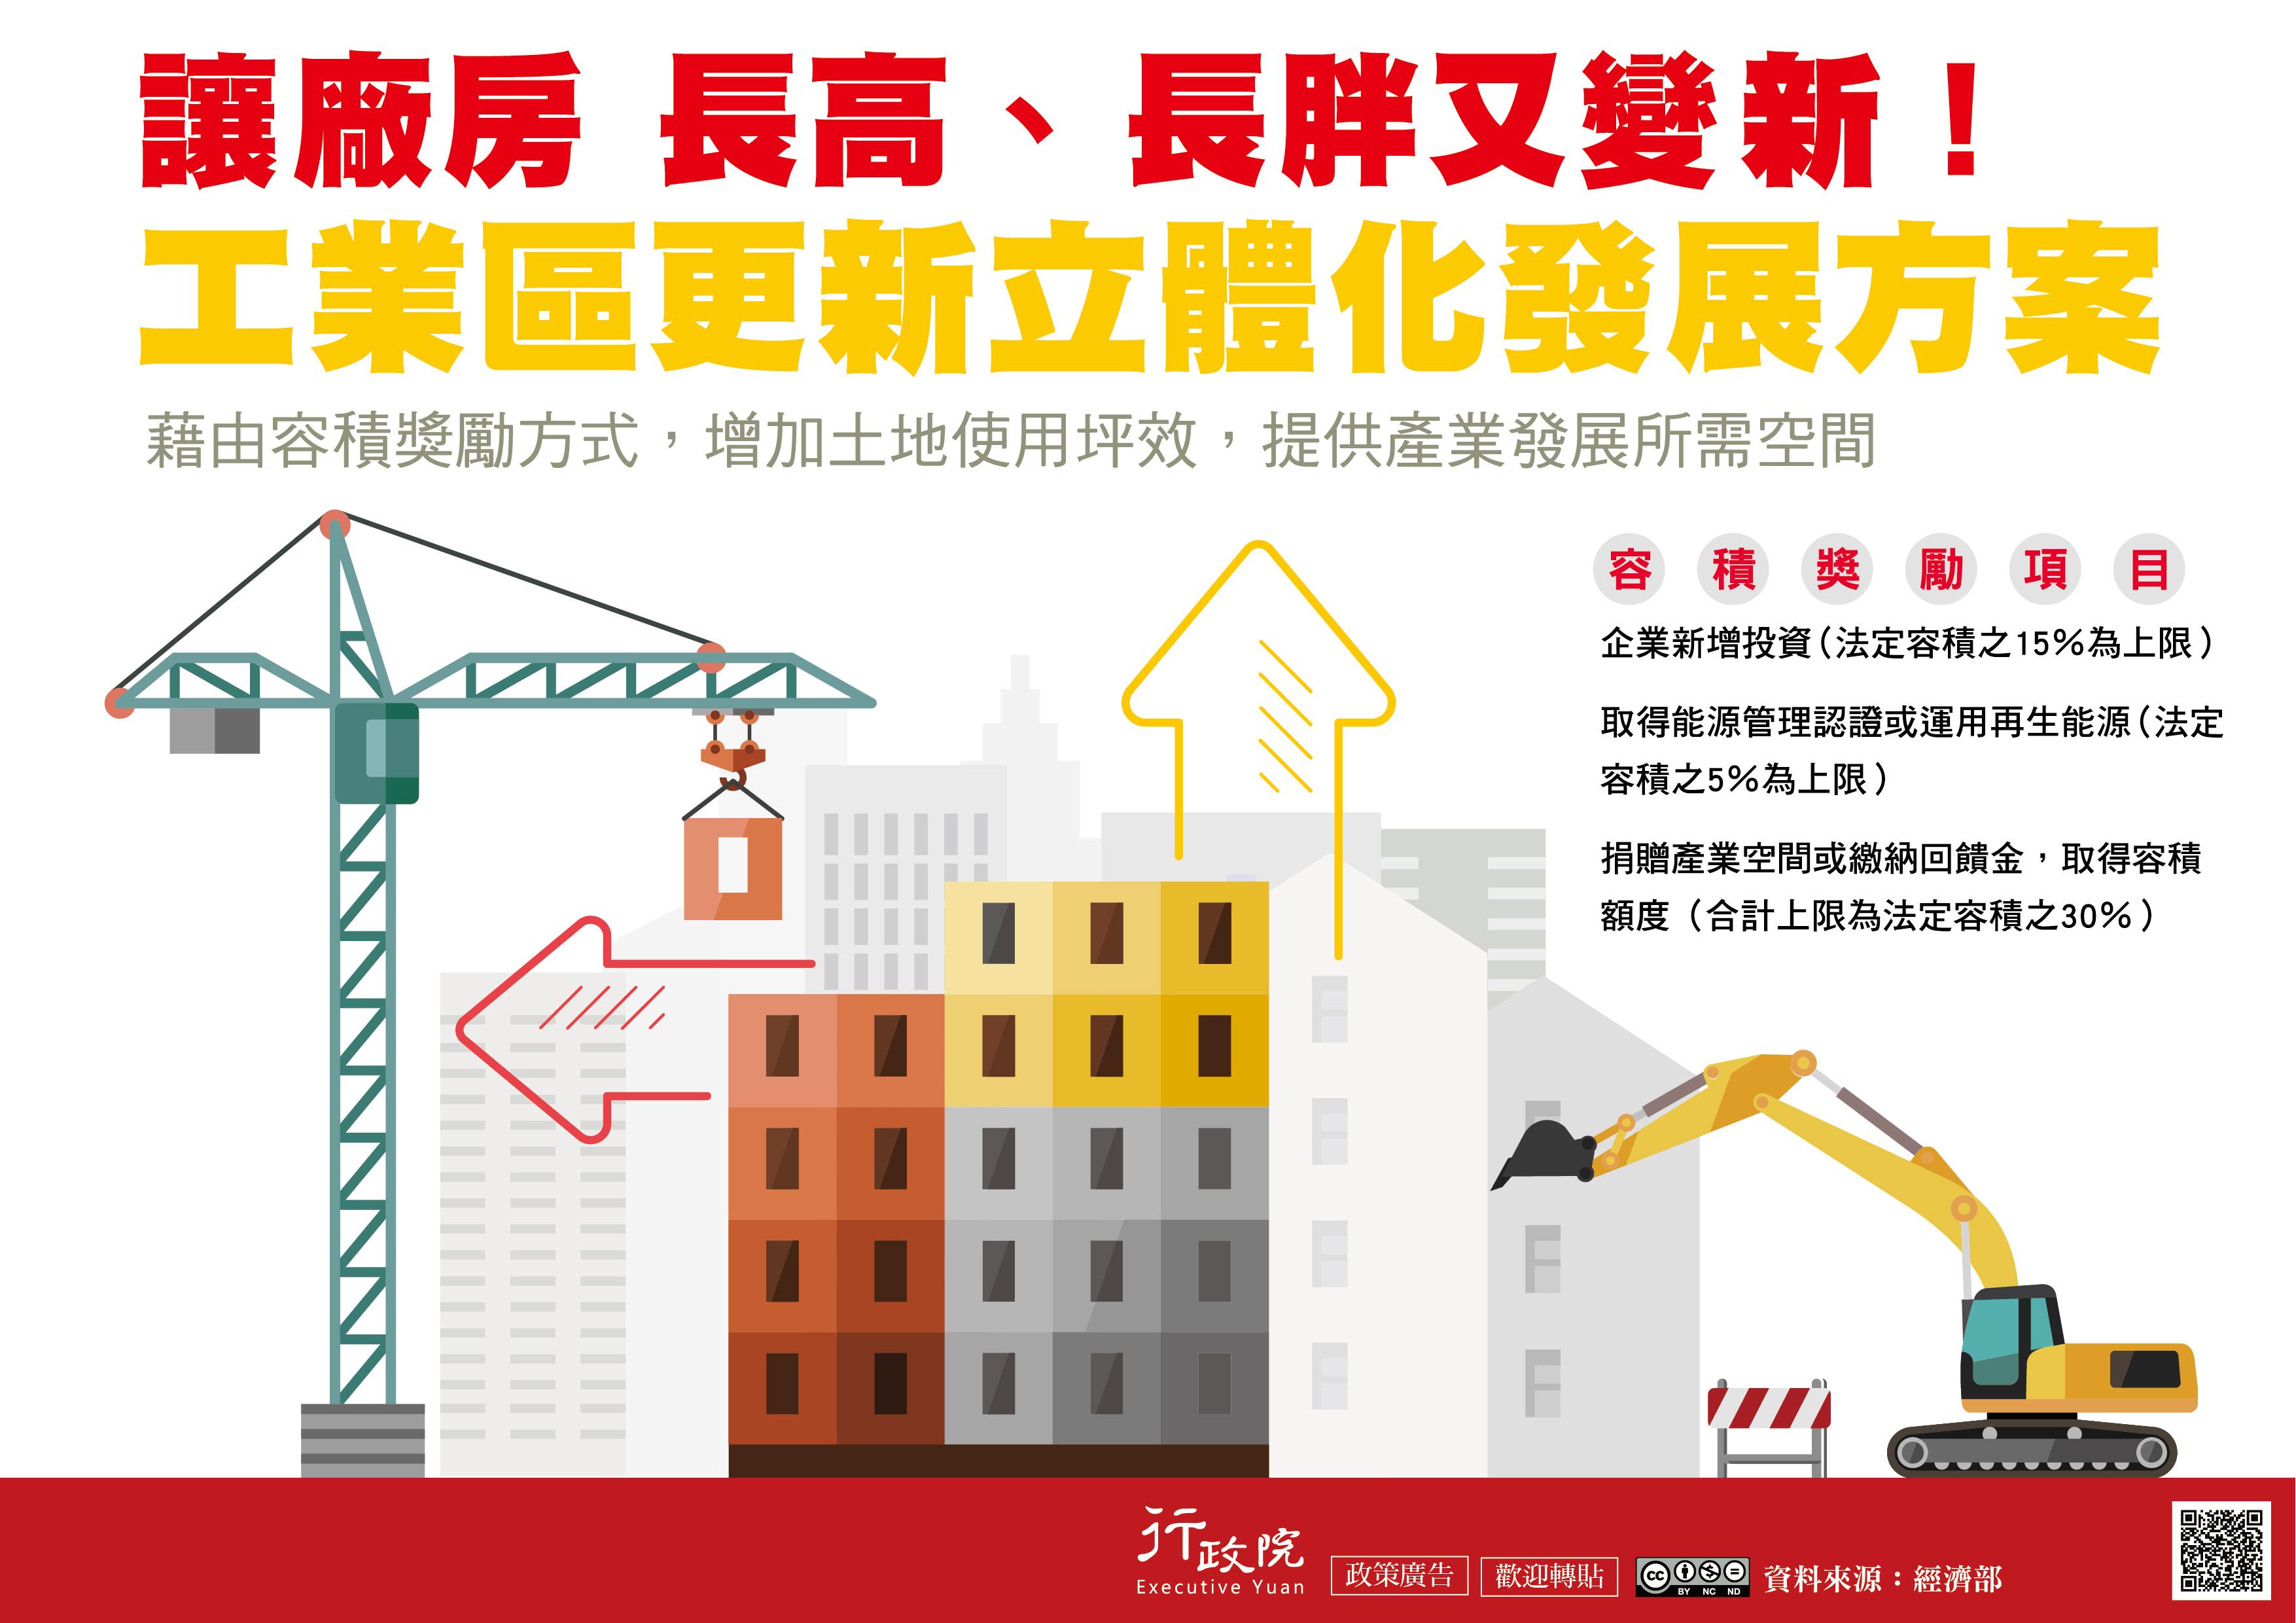 讓廠房 長高、長胖又變新! 工業區更新立體化發展方案